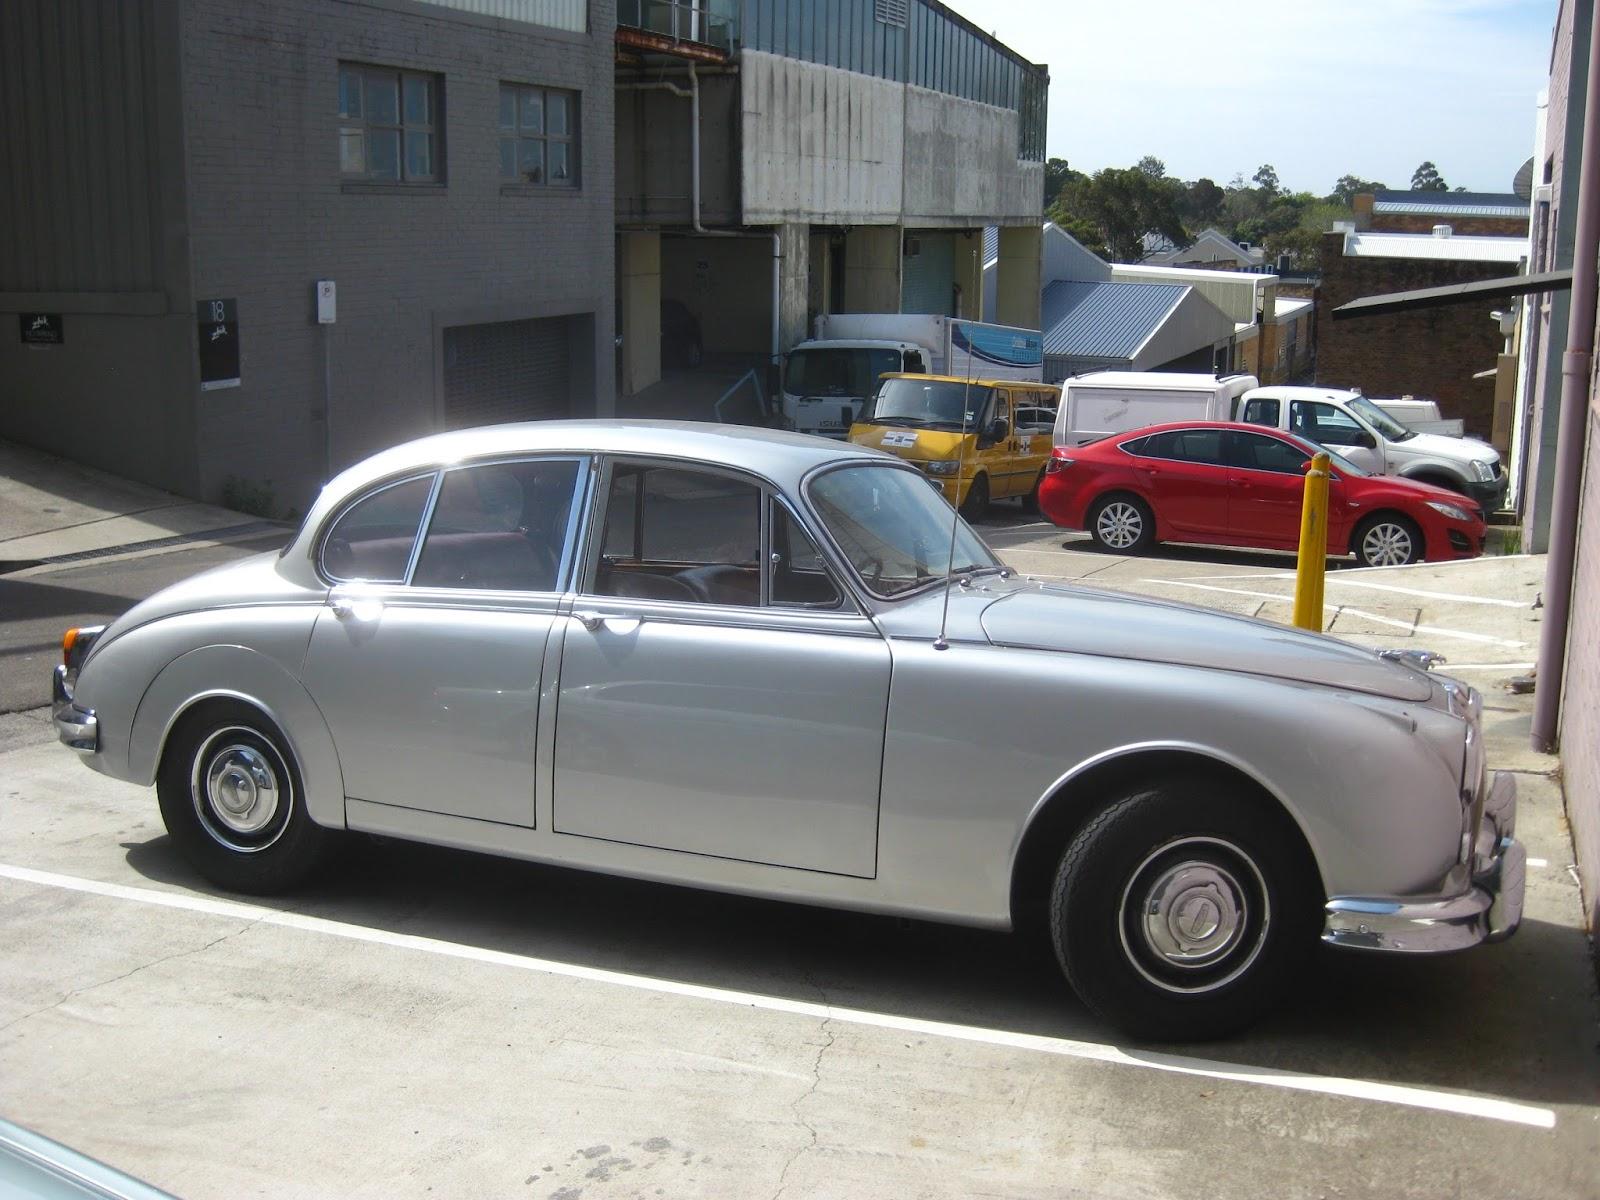 Aussie Old Parked Cars: 1963 Jaguar Mark 2 3.8 Litre O/D